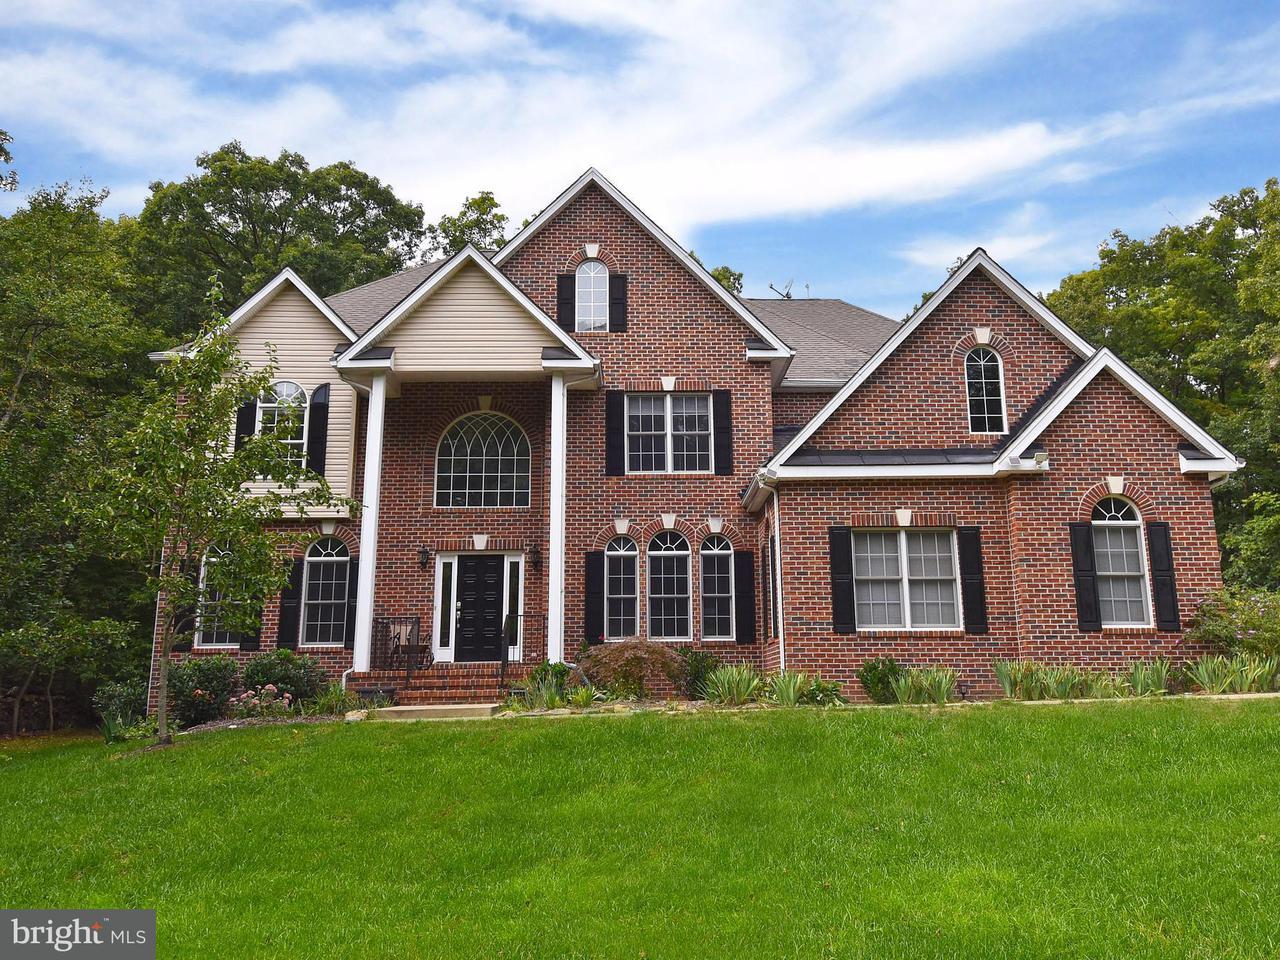 Vivienda unifamiliar por un Venta en 13012 Thornton Drive 13012 Thornton Drive Catharpin, Virginia 20143 Estados Unidos